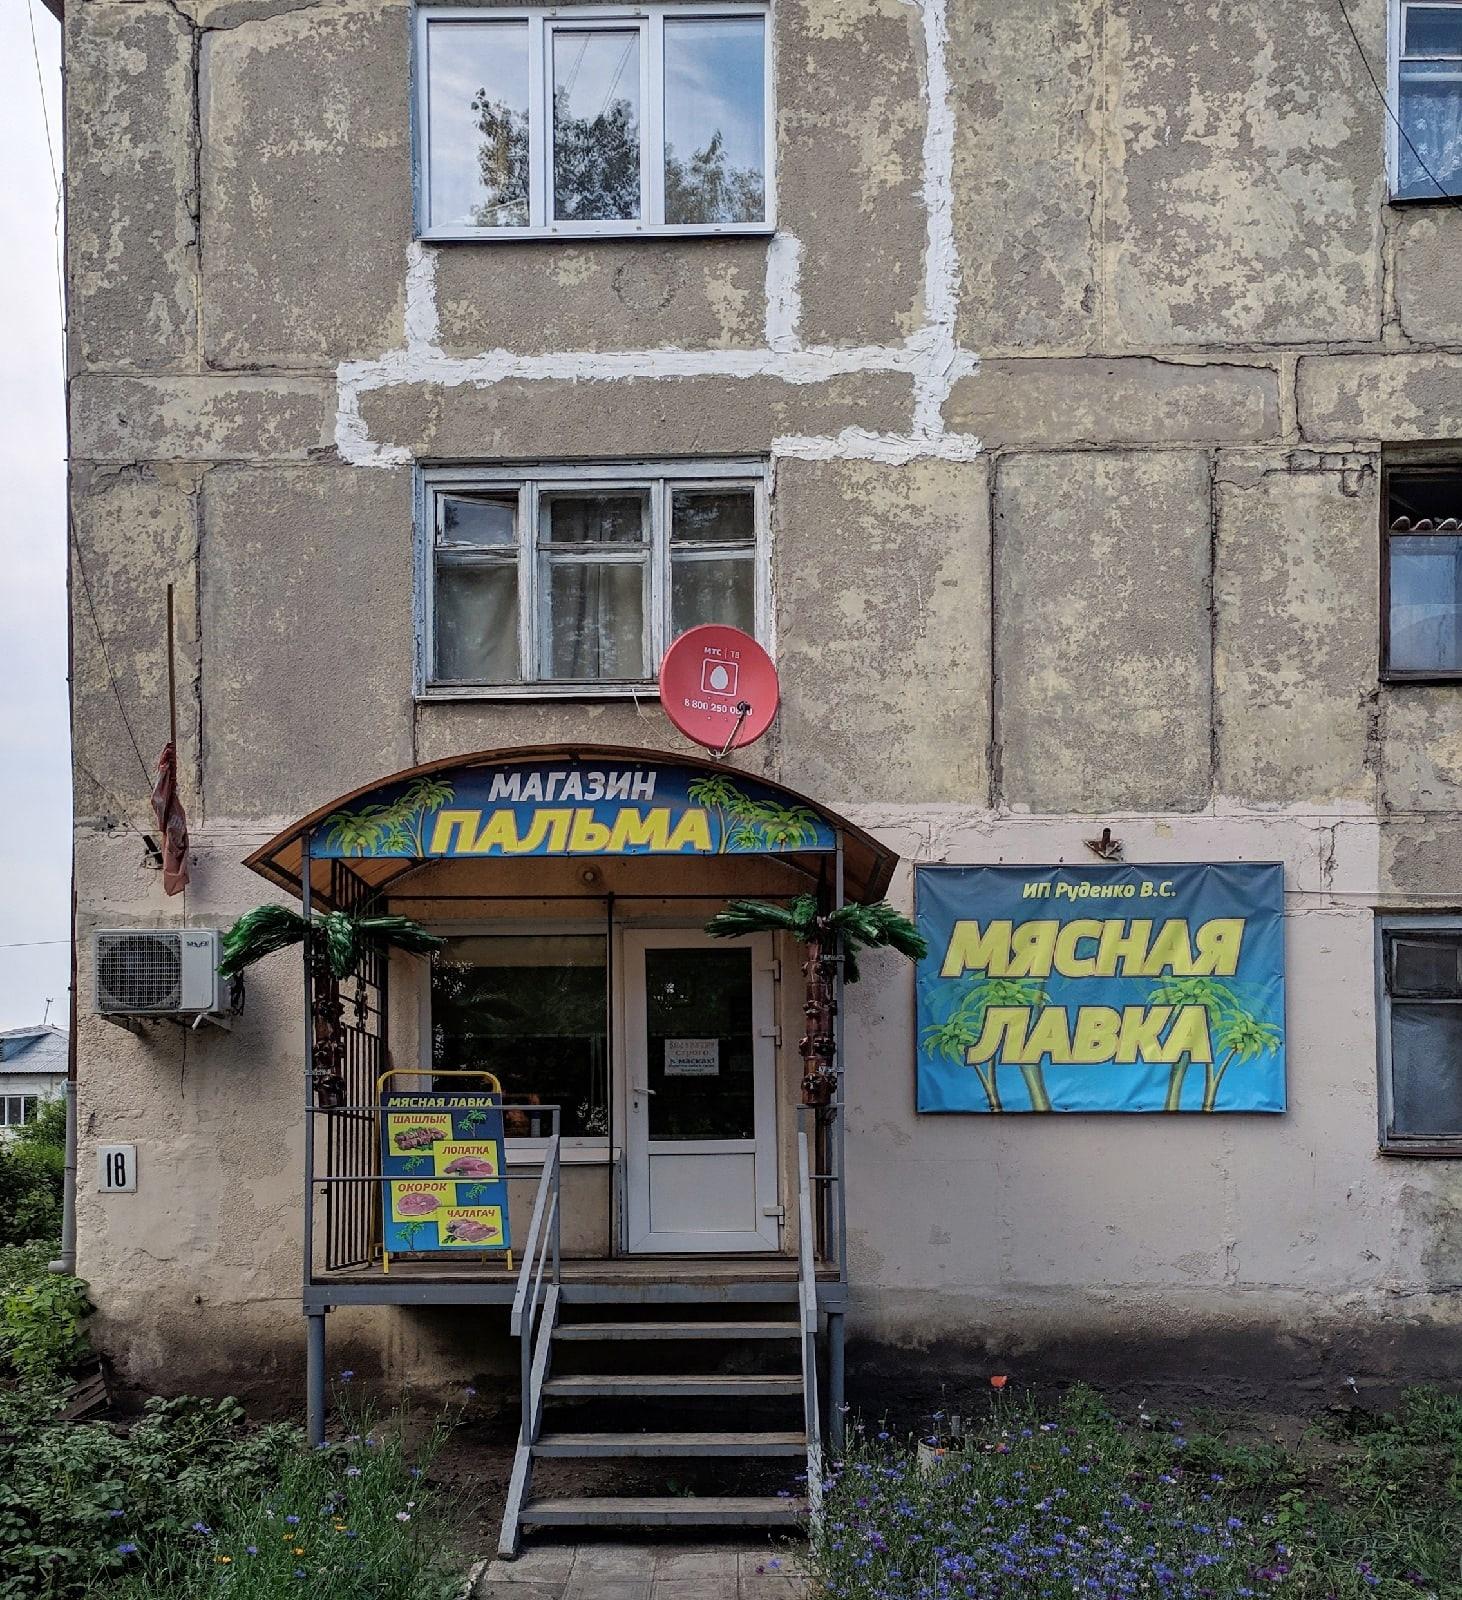 Пальмовое мясо (Омская область) - Фото